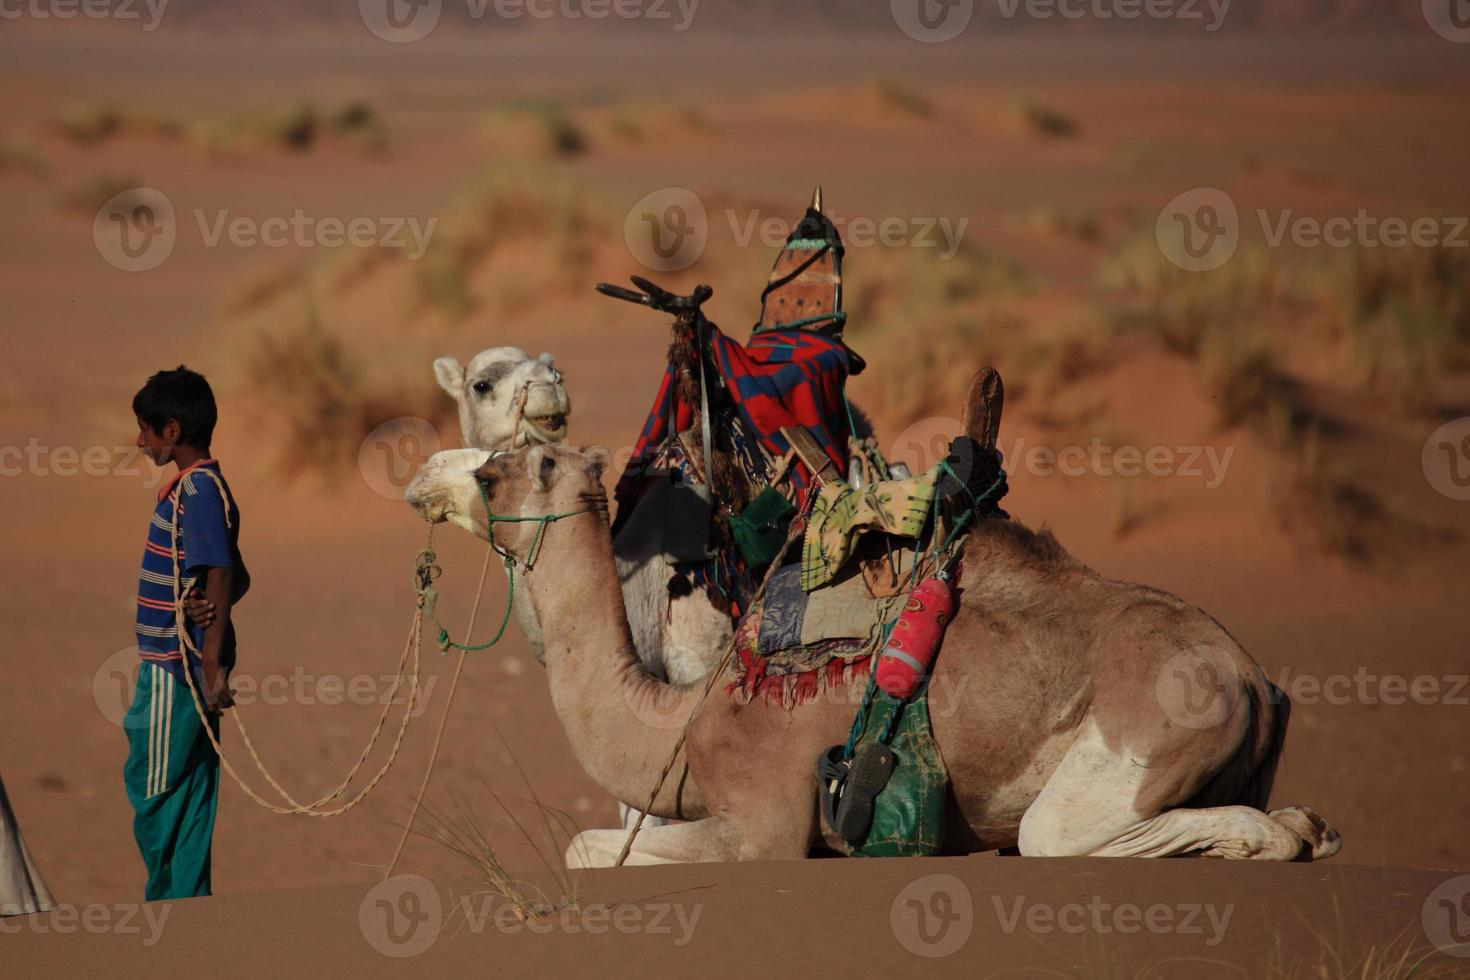 karawane in der sahara photo